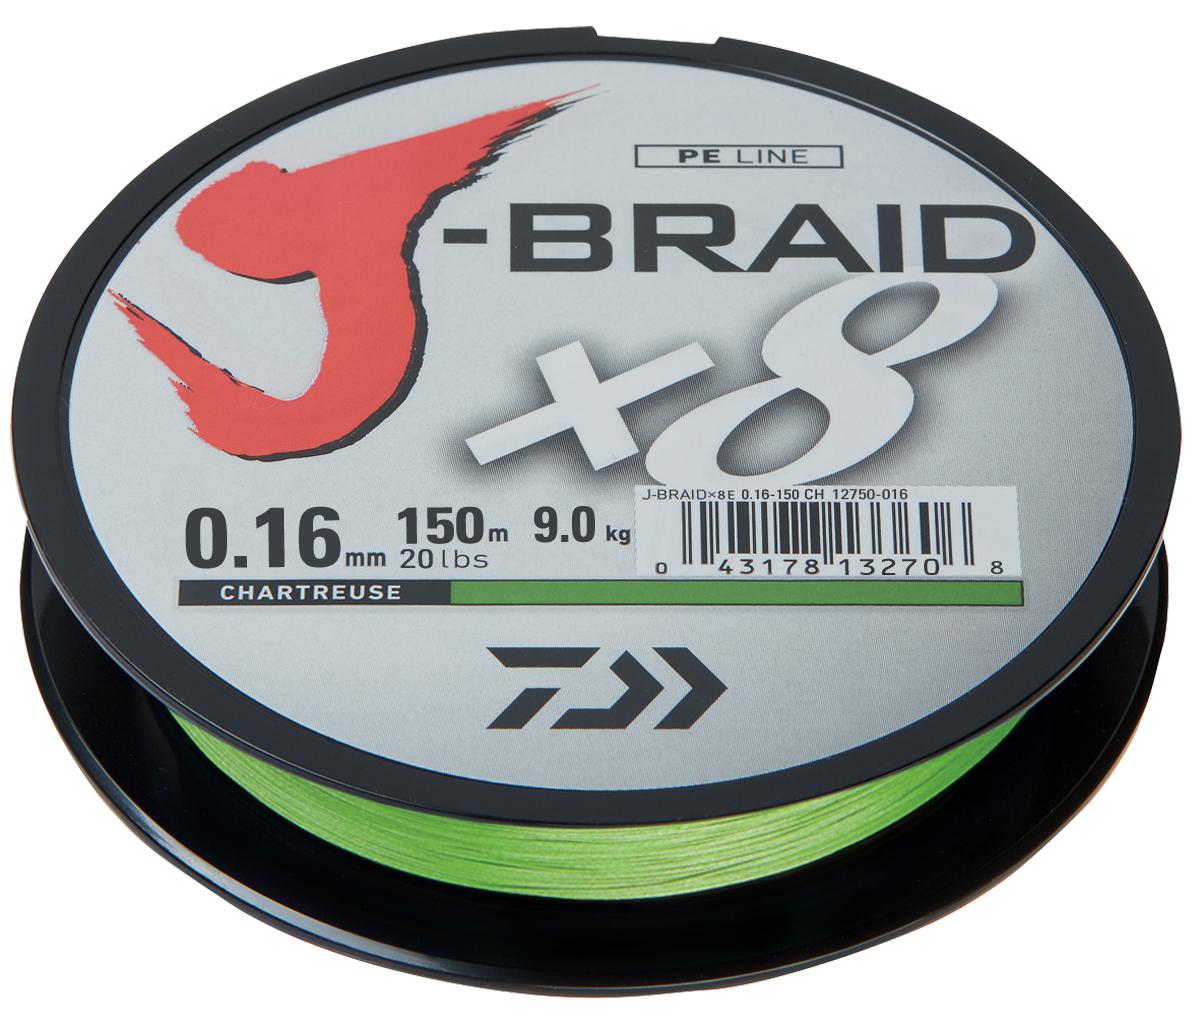 Леска плетеная DAIWA J-Braid X8 0,16мм 150м (флуор.-желтая)Леска плетеная<br>Новый J-Braid от DAIWA - исключительный шнур с <br>плетением в 8 нитей. Он полностью удовлетворяет <br>всем требованиям. предьявляемым высококачественным <br>плетеным шнурам. Неважно, собрались ли вы <br>ловить крупных морских хищников, как палтус, <br>треска или спйда, или окуня и судака, с вашим <br>новым J-Braid вы всегда контролируете рыбу. <br>J-Braid предлагает соответствующий диаметр <br>для любых техник ловли: море, река или озеро <br>- невероятно прочный и надежный. J-Braid скользит <br>через кольца, обеспечивая дальний и точный <br>заброс даже самых легких приманок. Идеален <br>для спиннинговых и бейткастинговых катушек! <br>Невероятное соотношение цены и качества! <br>-Плетение 8 нитей -Круглое сечение -Высокая <br>прочность на разрыв -Высокая износостойкость <br>-Не растягивается -Сделан в Японии<br>